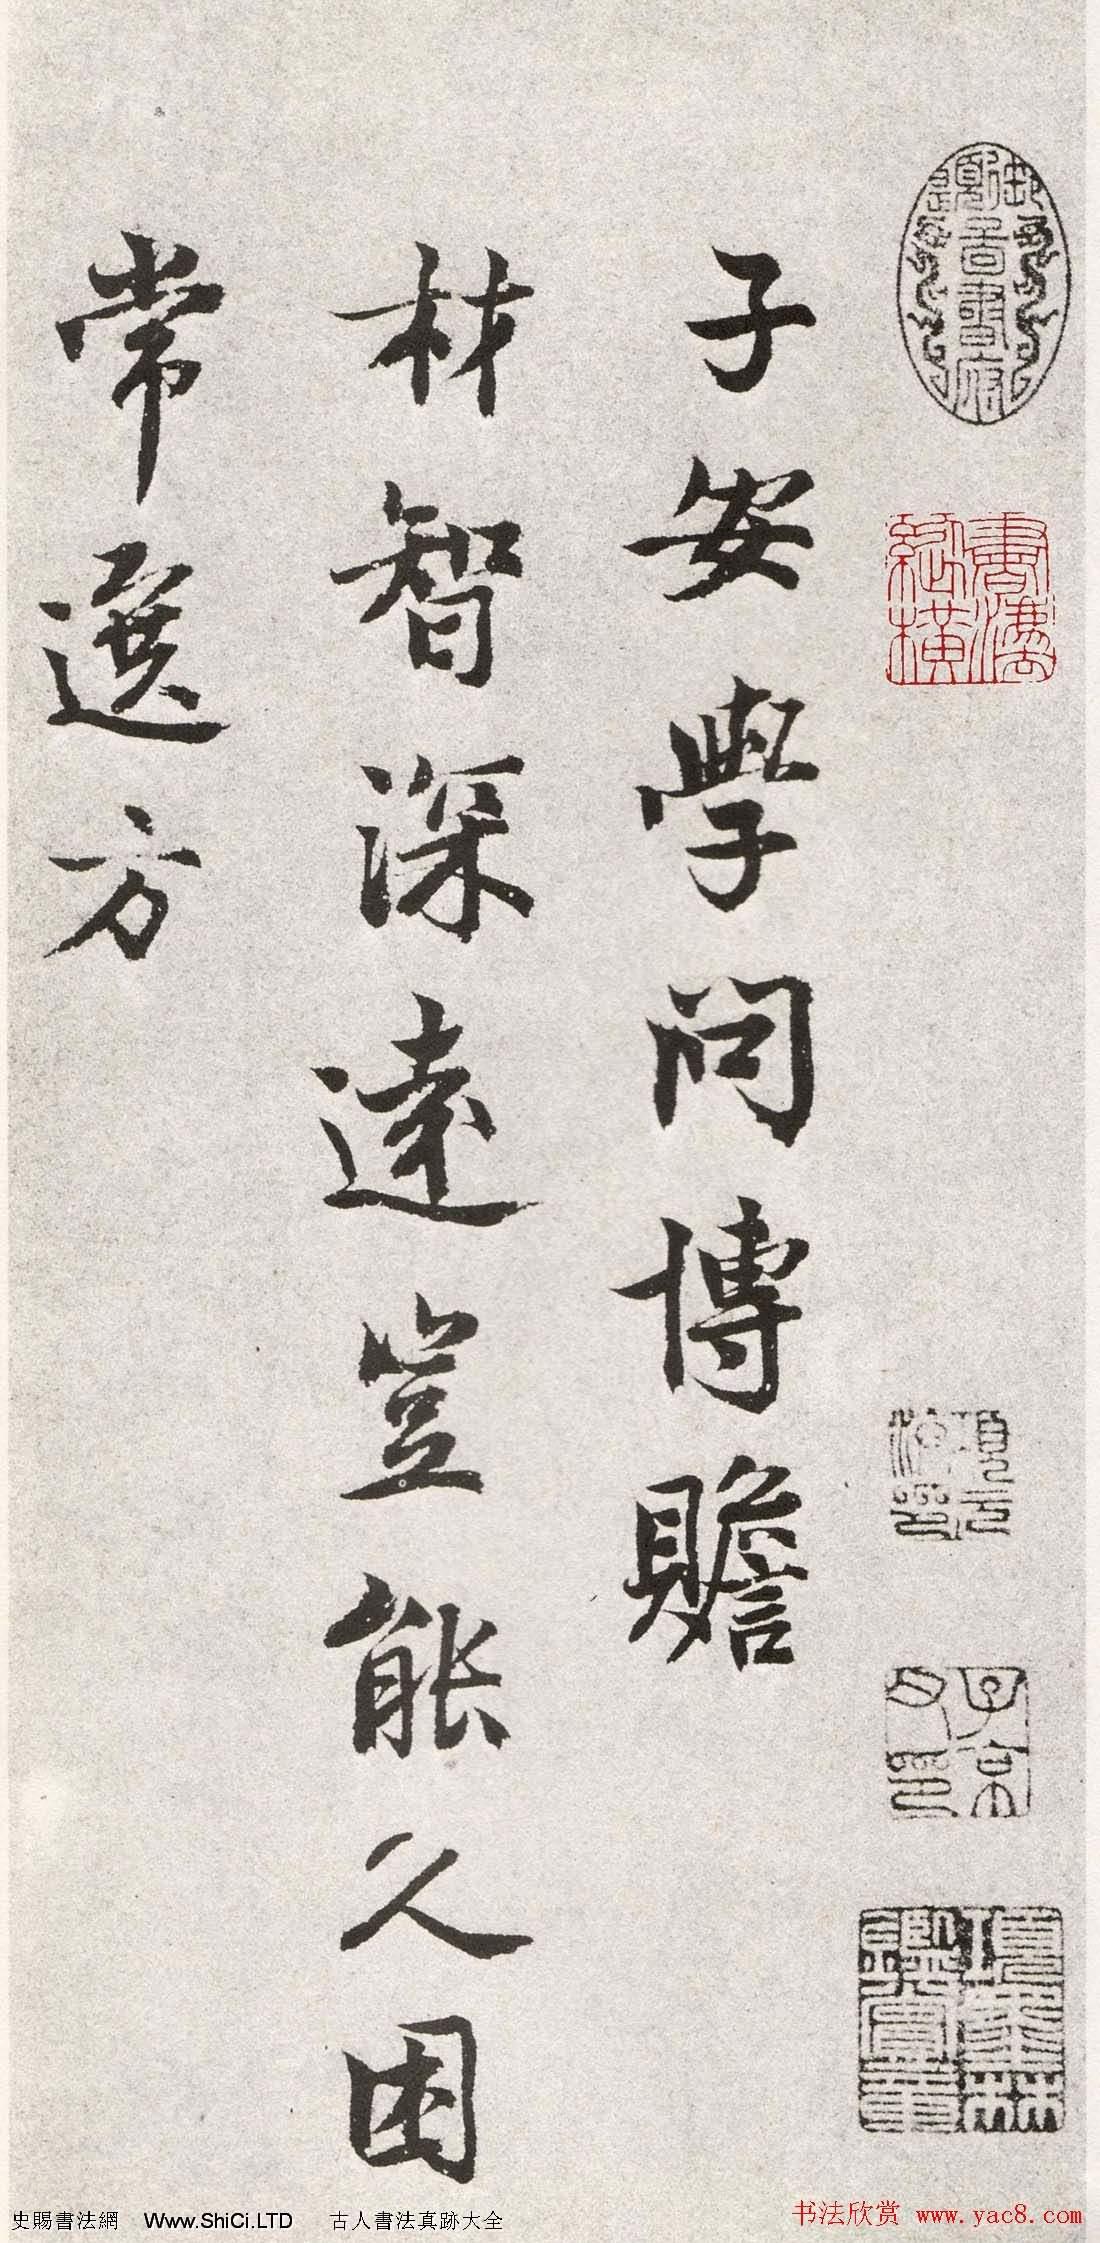 呂公弼行書尺牘真跡欣賞《子安學問博贍》(共2張圖片)